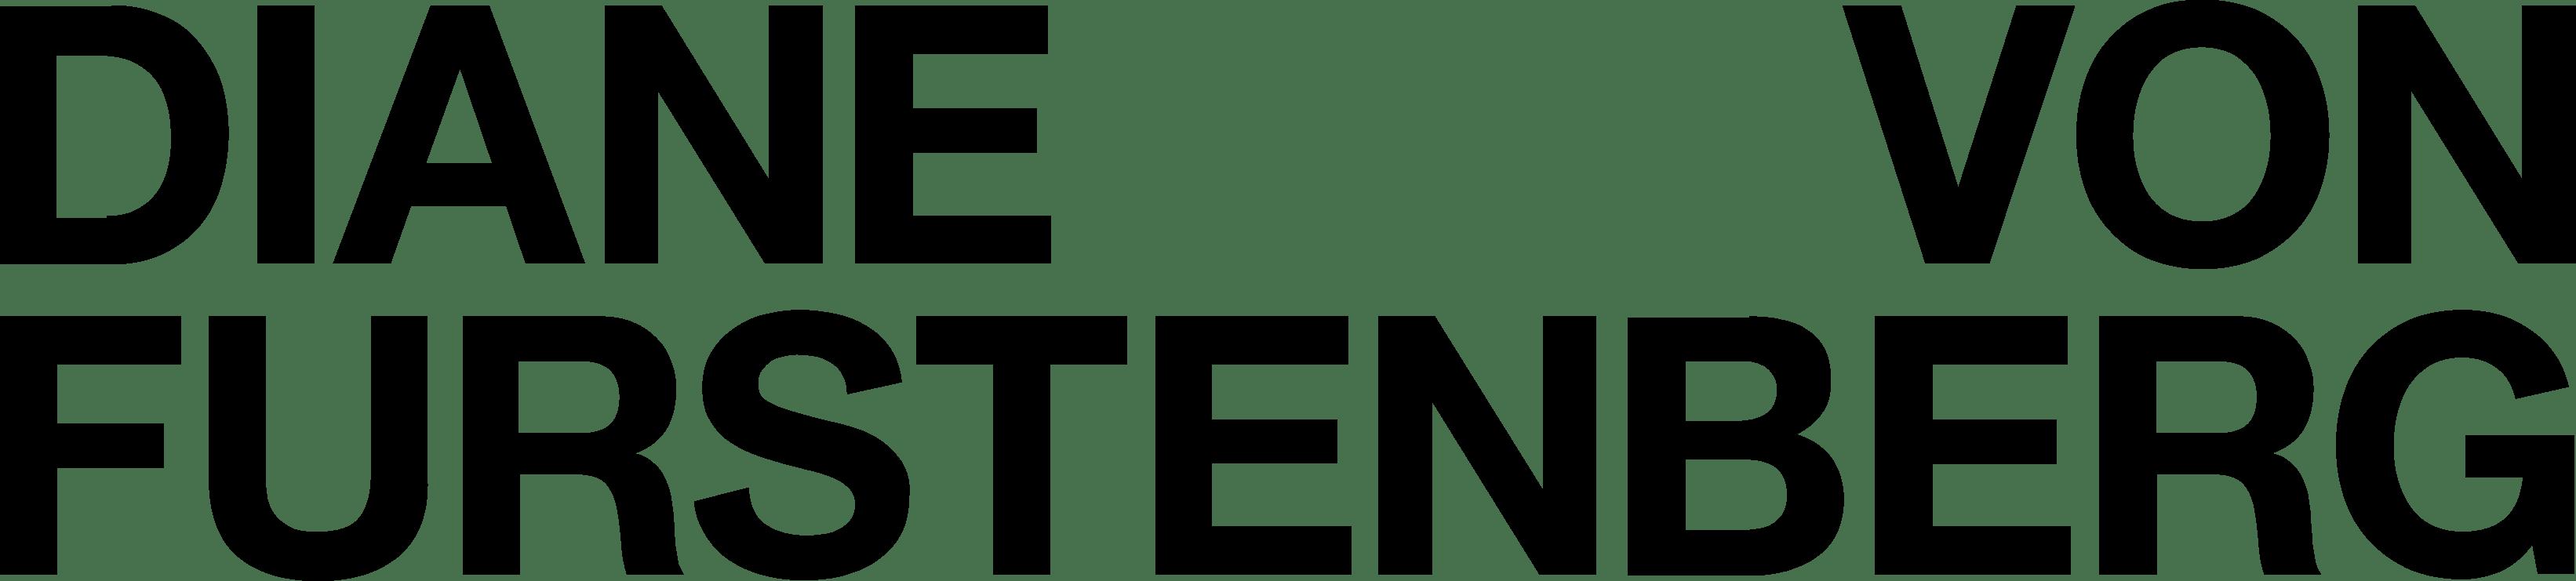 DVF Logo (Diane von Fürstenberg) png